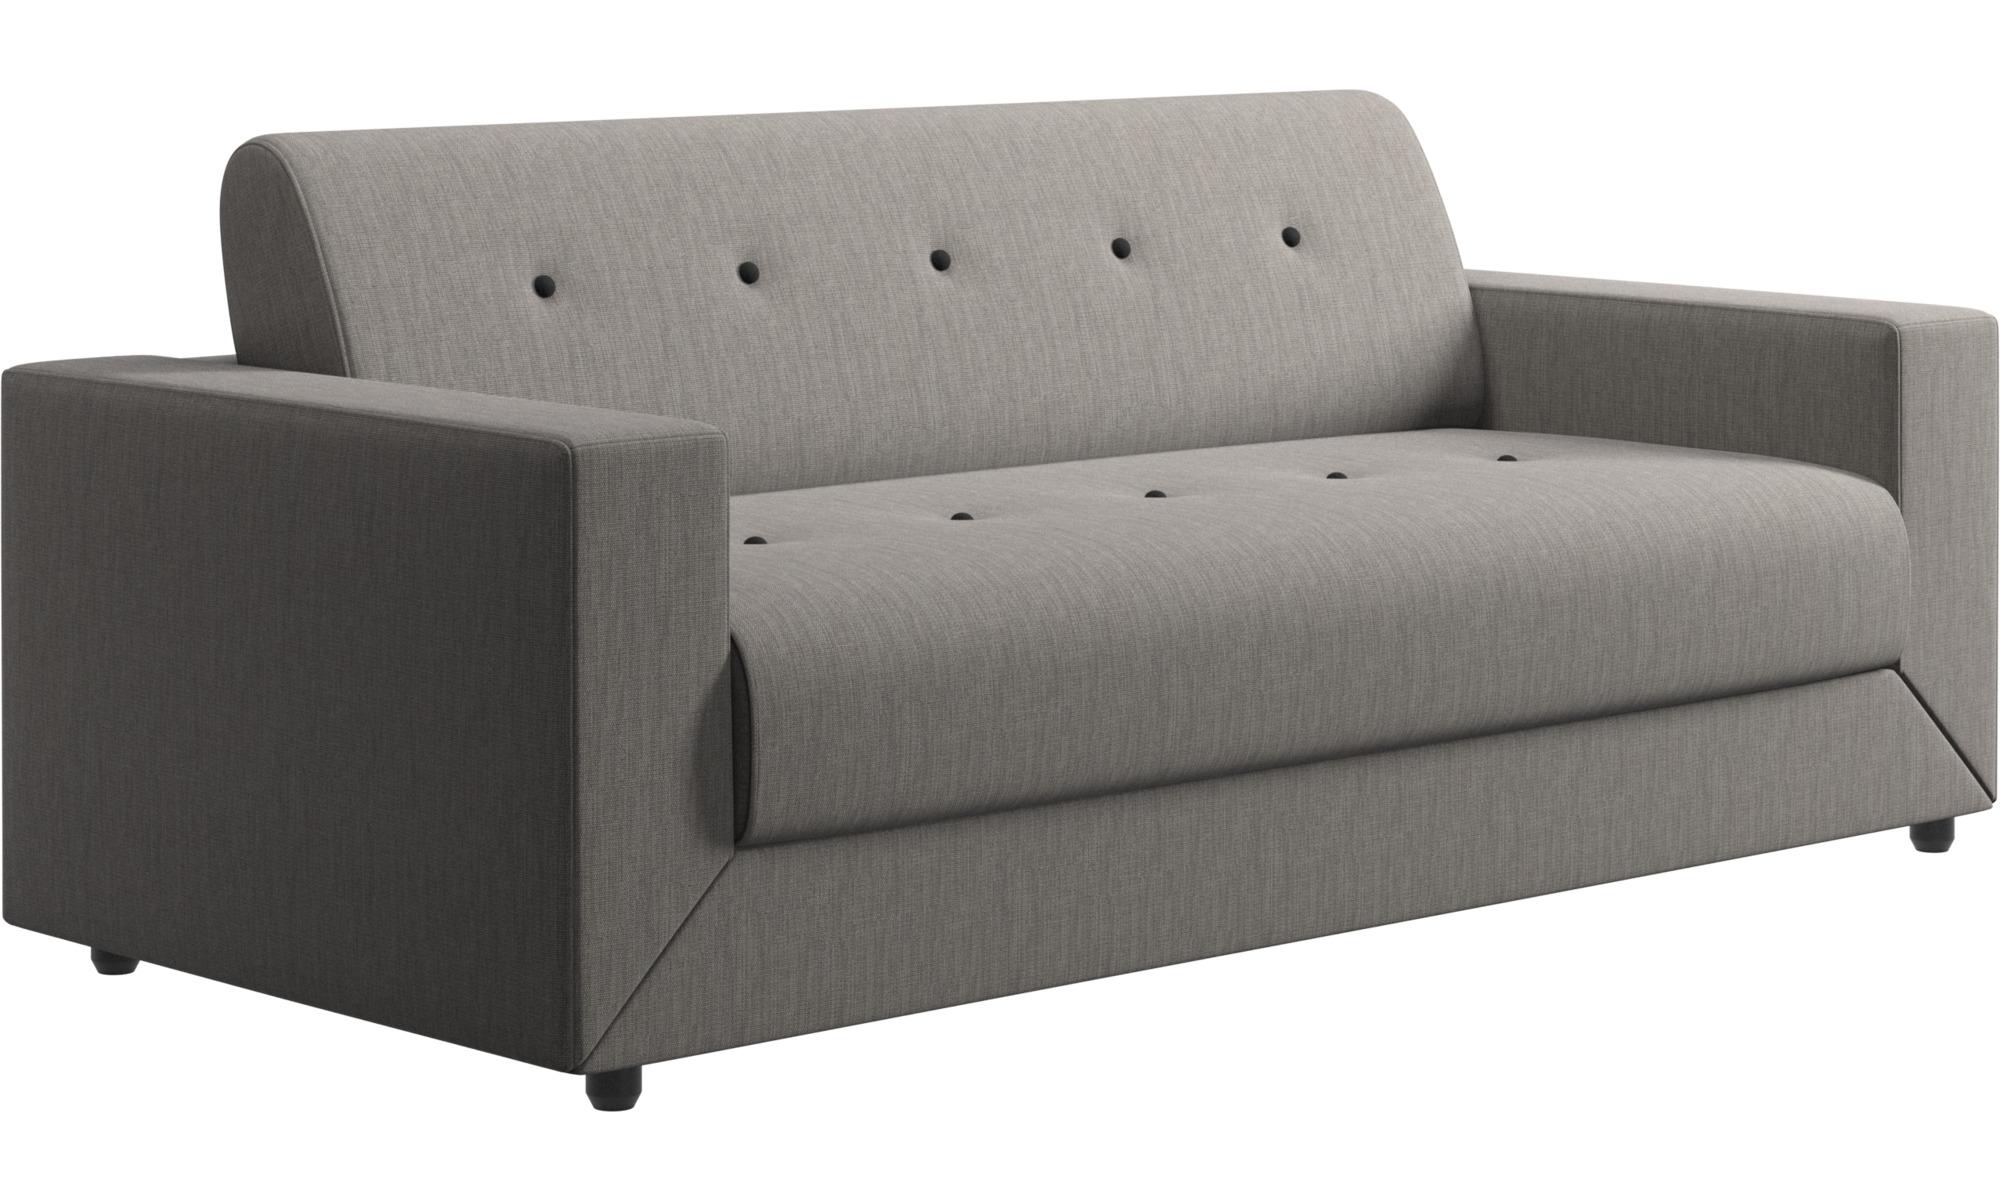 sofa stockholm sovesofa boconcept. Black Bedroom Furniture Sets. Home Design Ideas